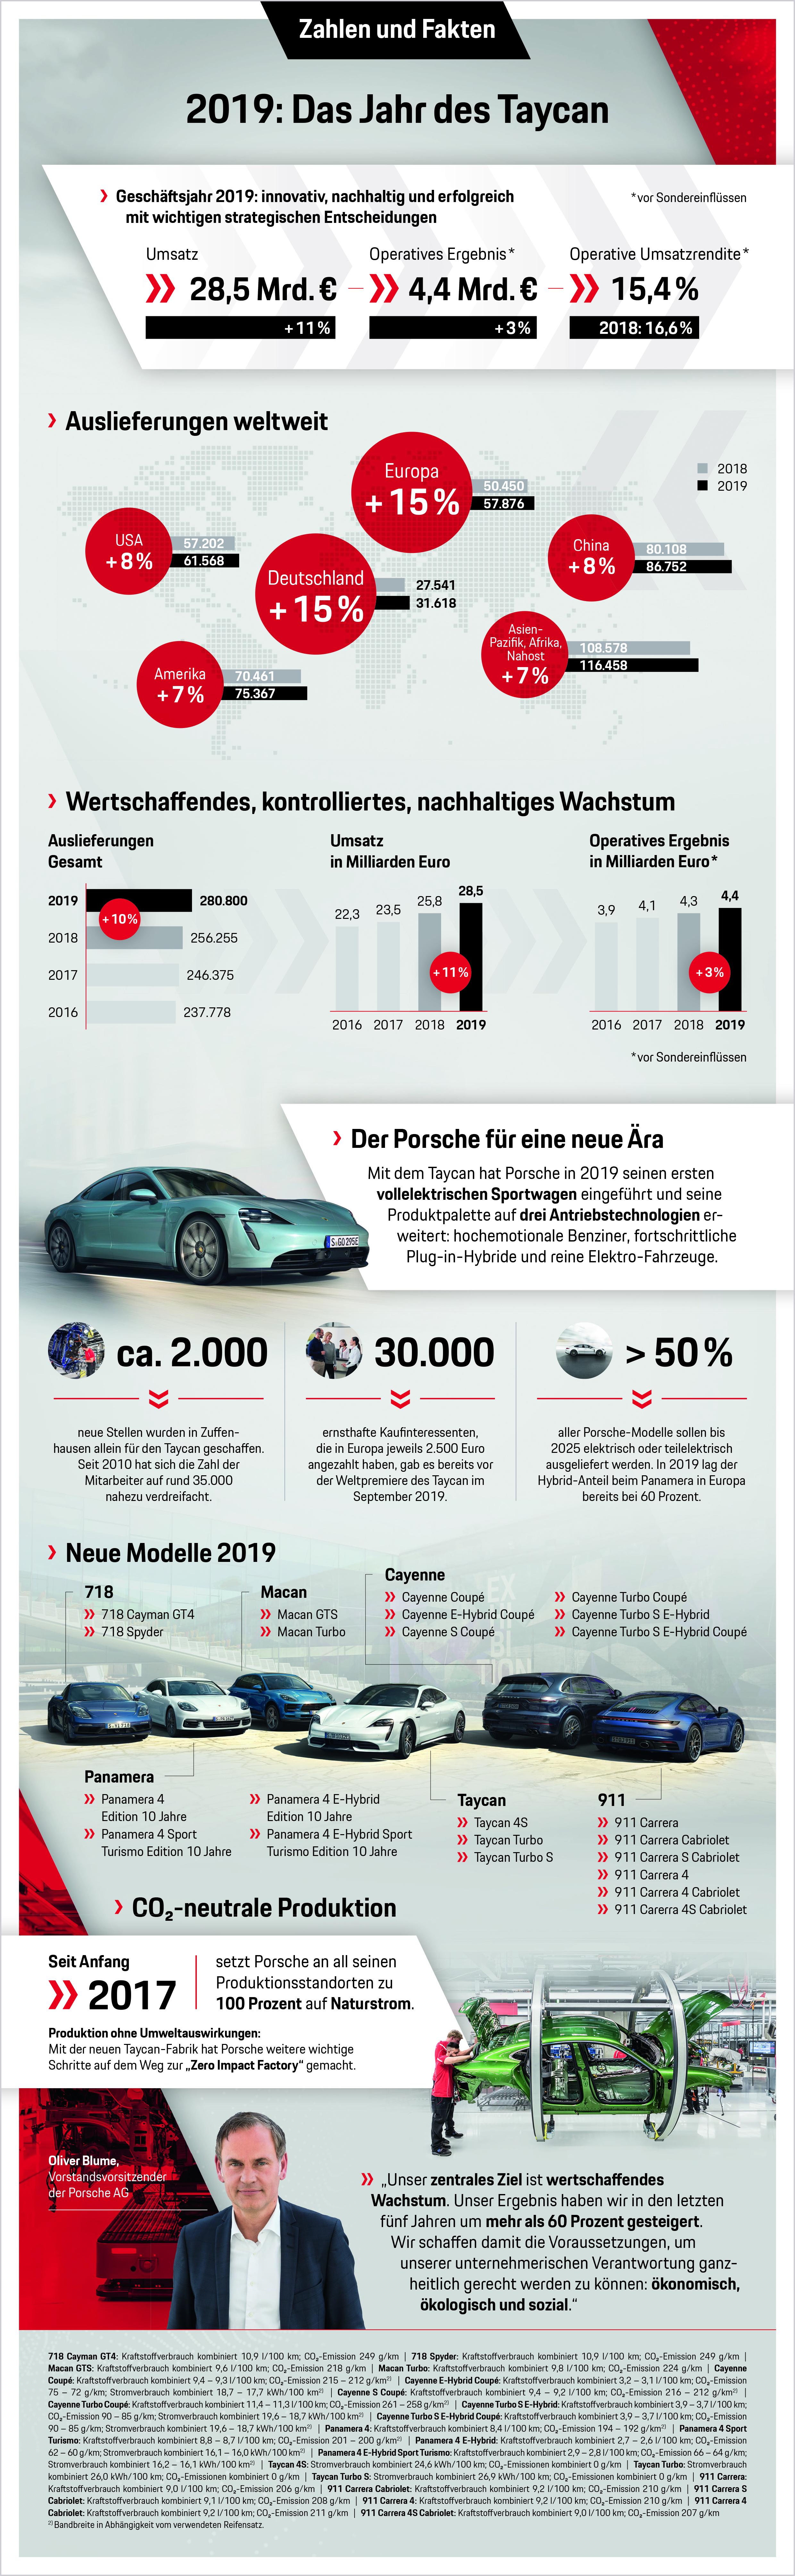 2019: Das Jahr des Taycan, Infografik, 2020, Porsche AG